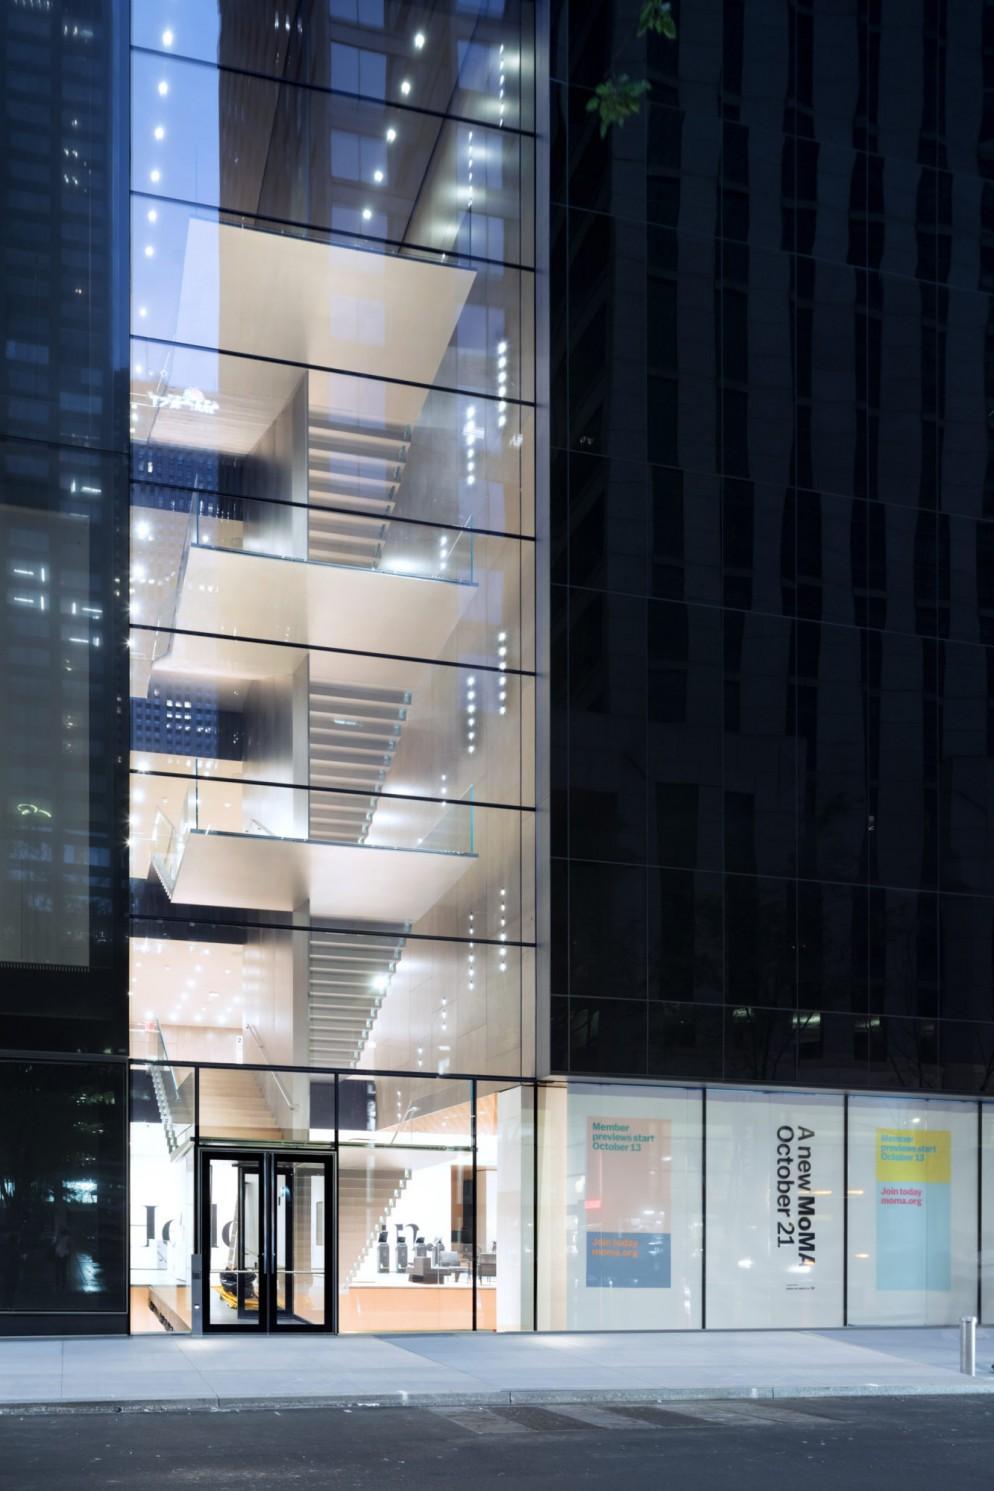 ampliamento-moma-new-york-diller-scofidio-renfro-living-corriere-2